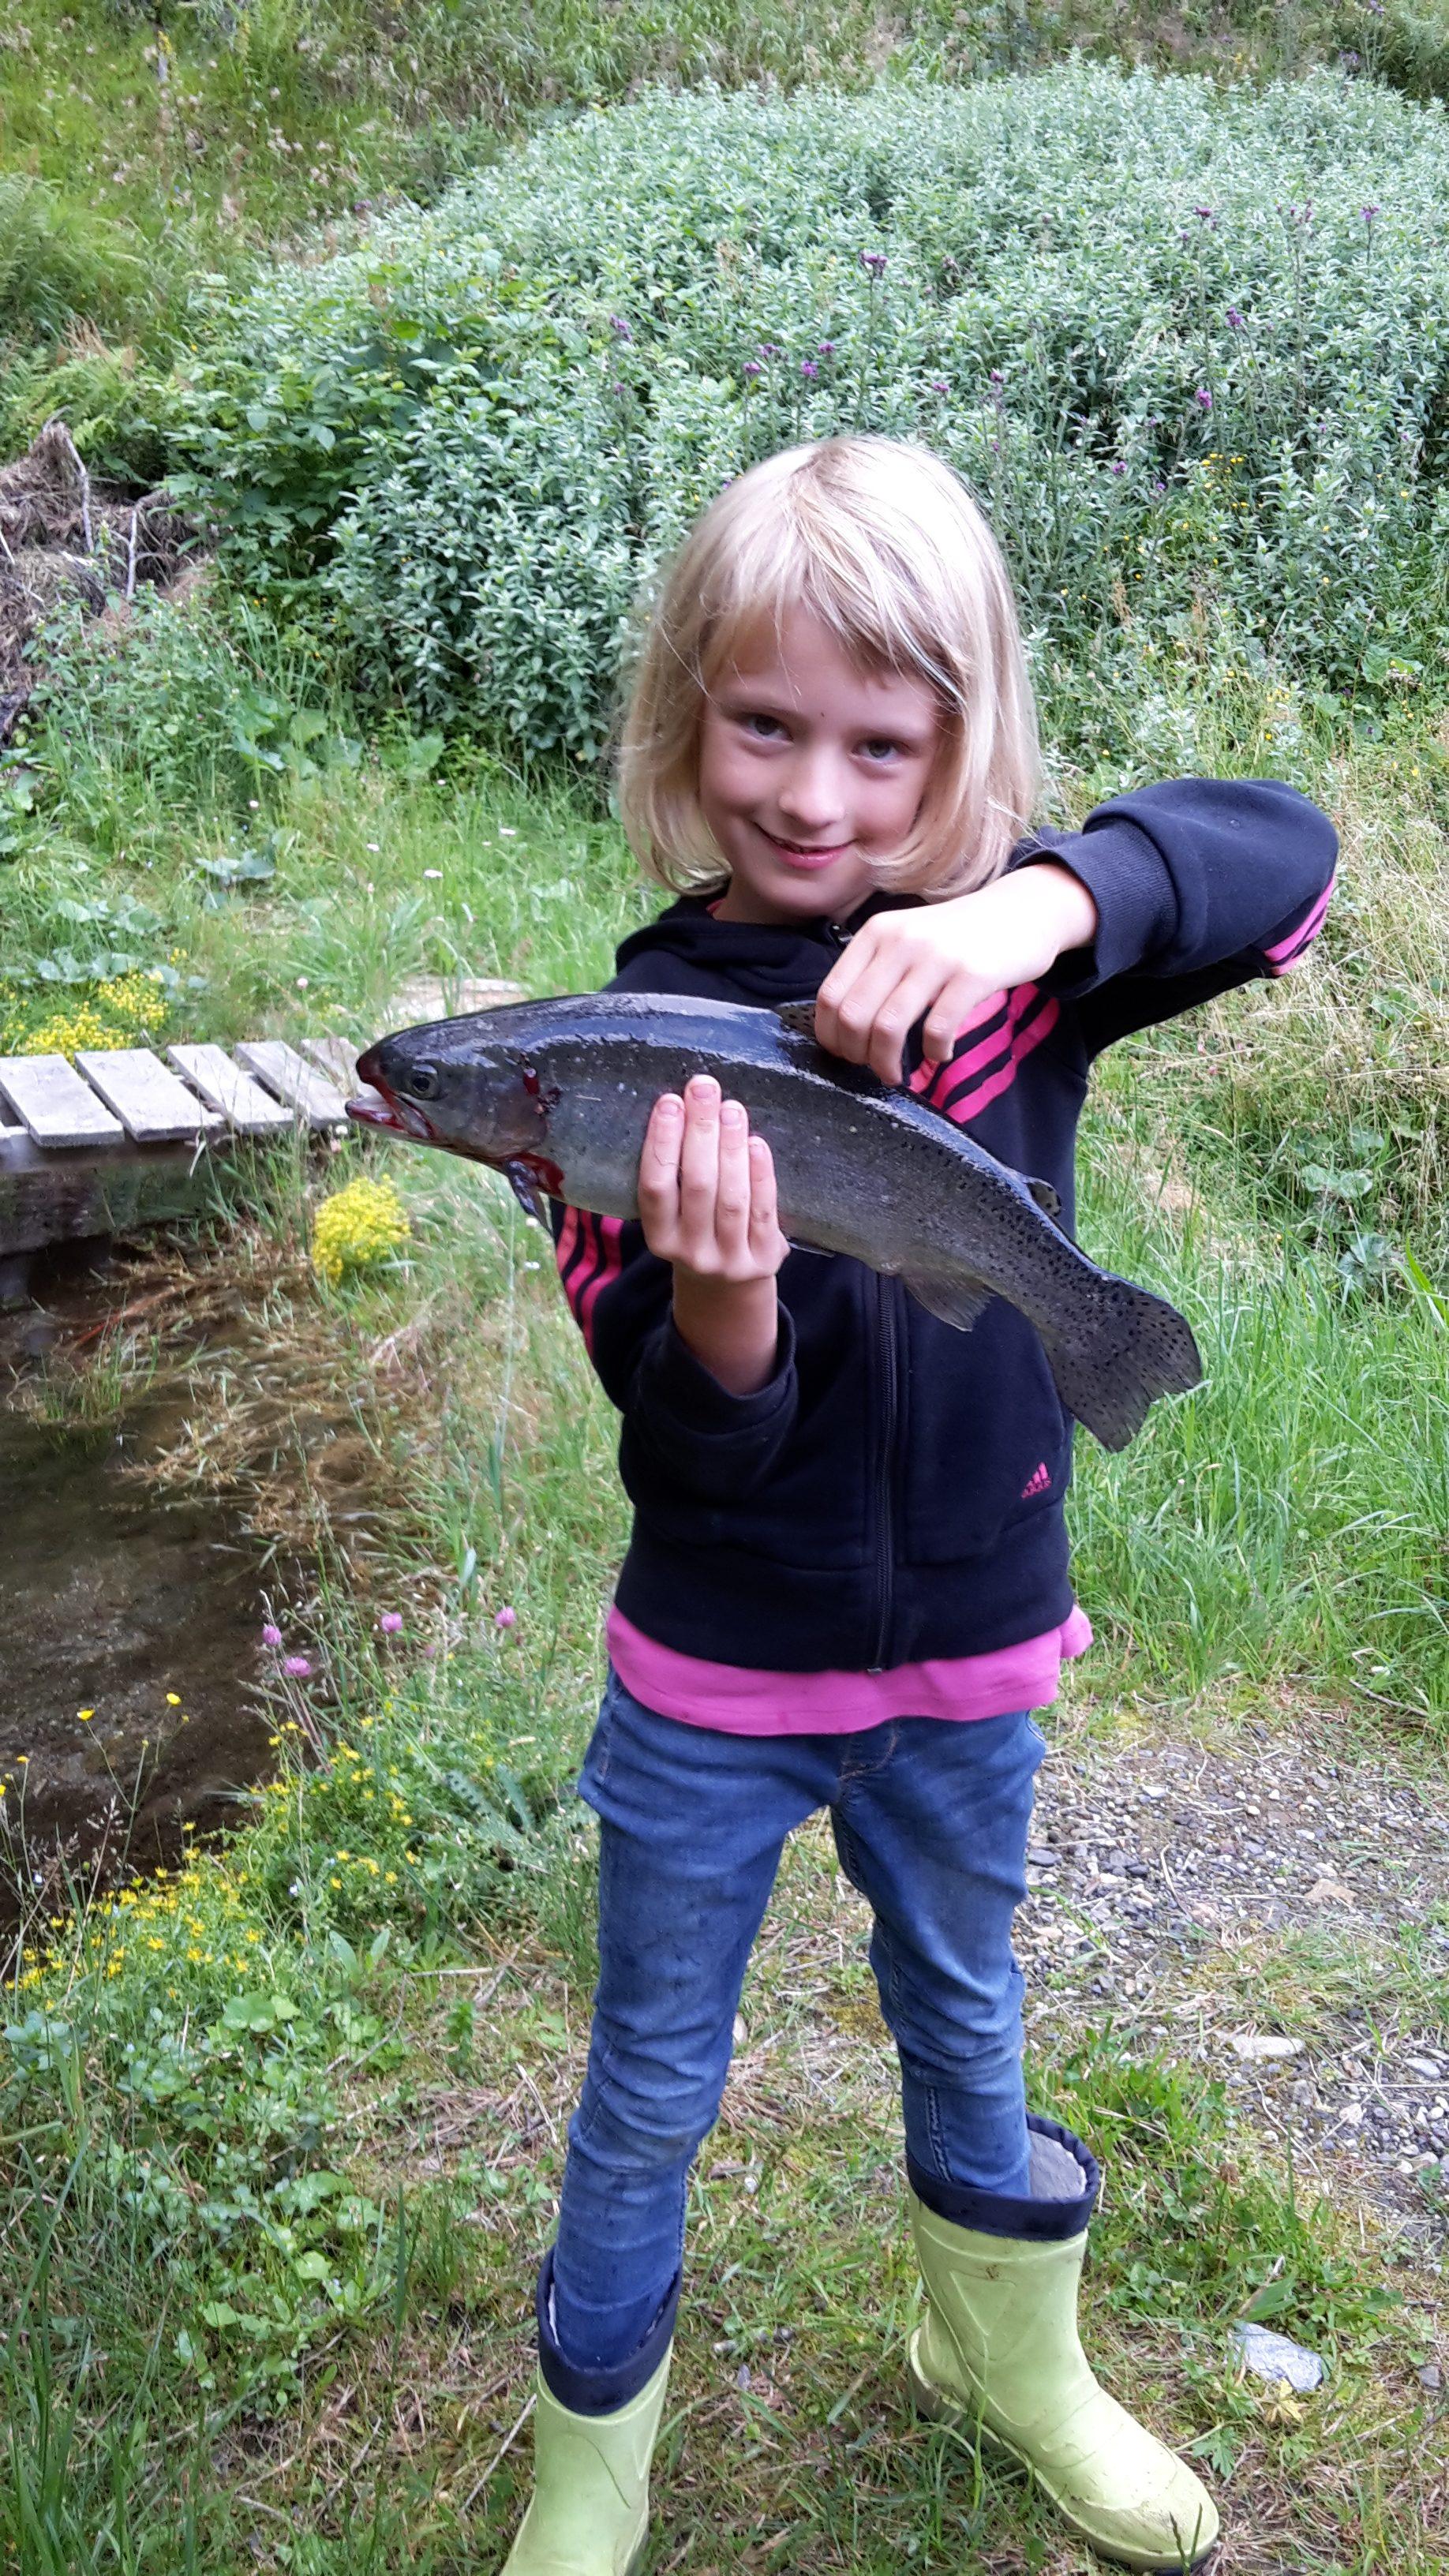 Anna mit der selbst geangelten Forelle bei den Fischteichen auf der Alm